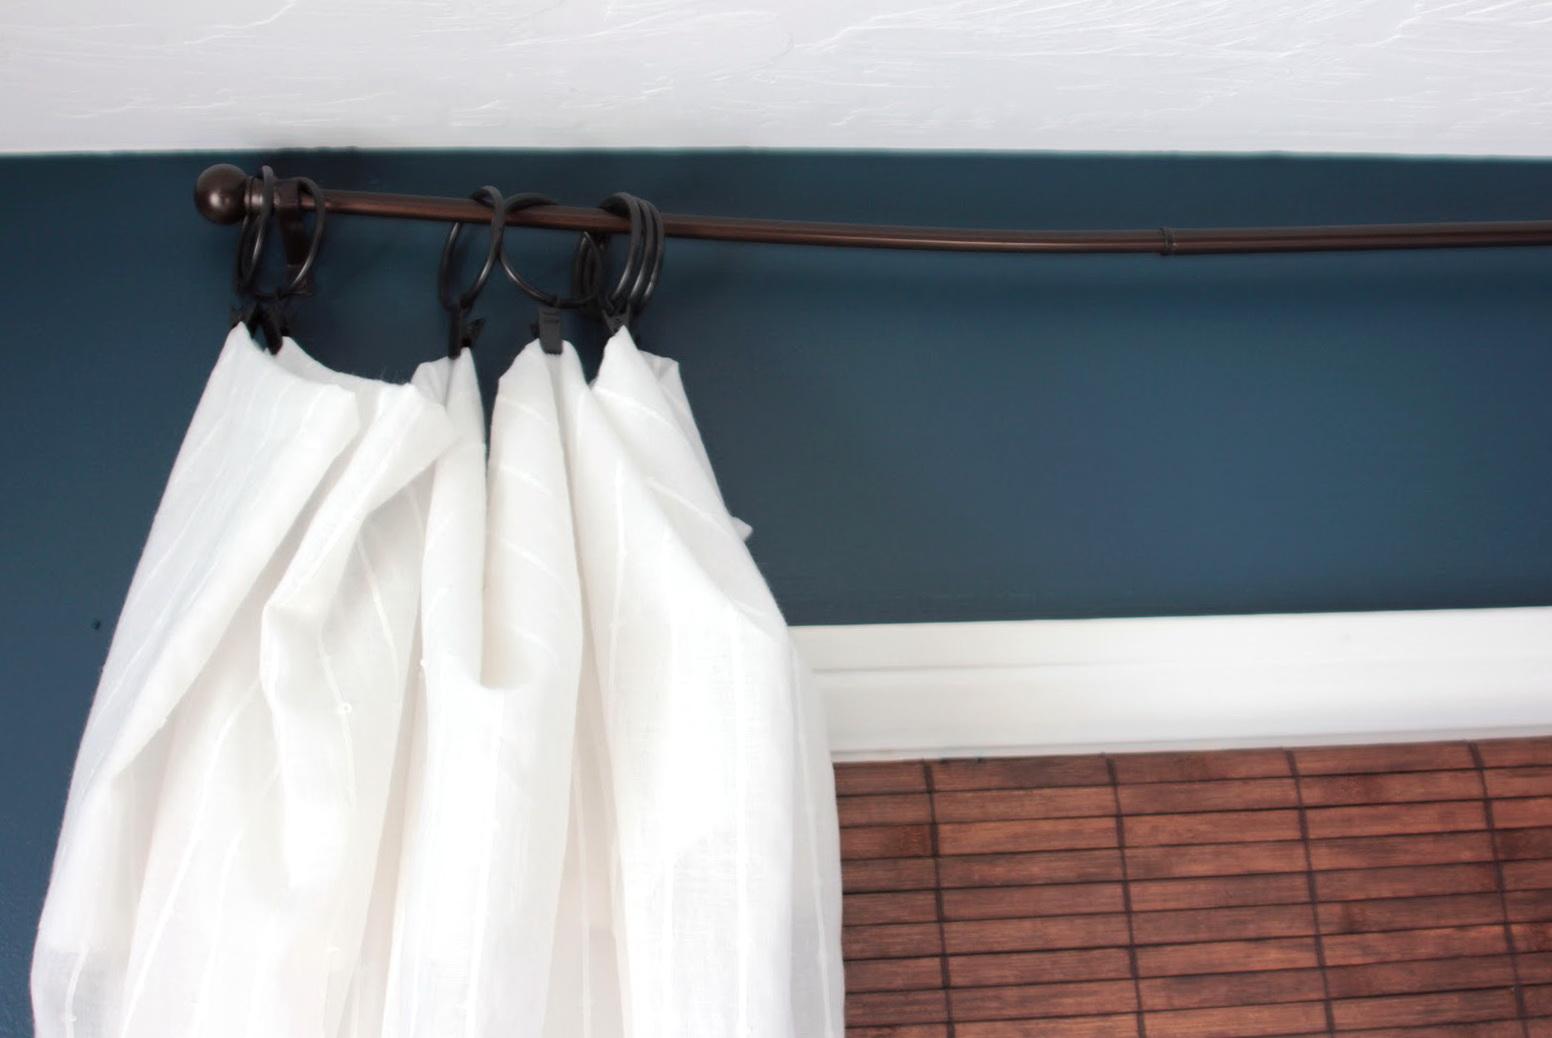 Diy Long Curtain Rod Home Design Ideas